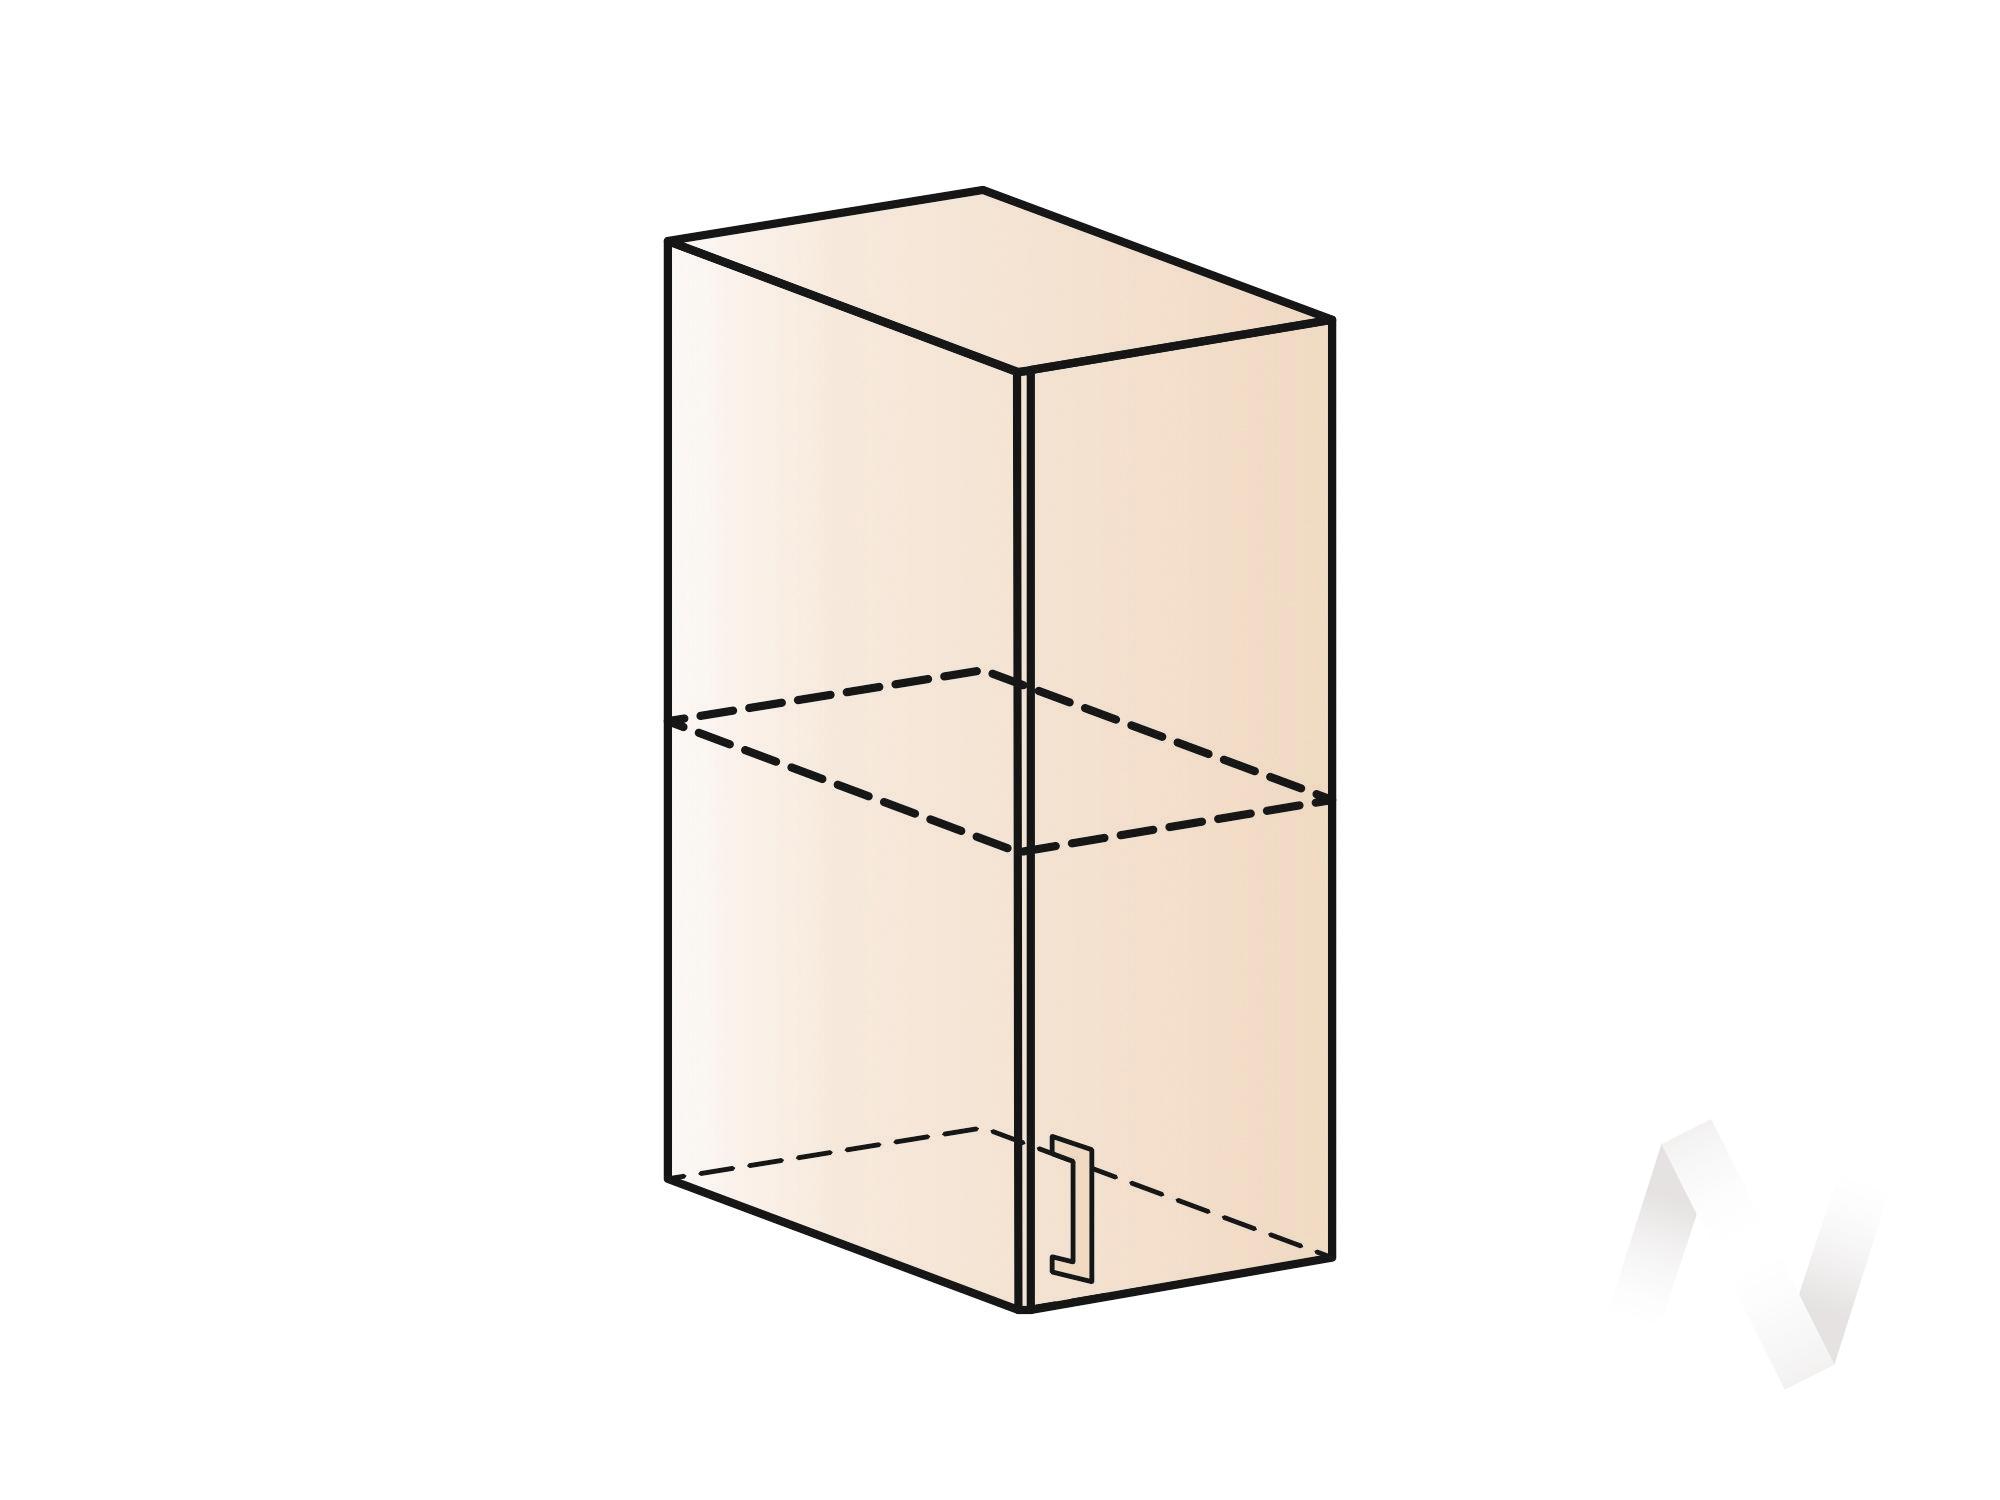 """Кухня """"Люкс"""": Шкаф верхний 300, ШВ 300 (Шелк жемчуг/корпус белый) в Томске — авторская мебель Экостиль"""